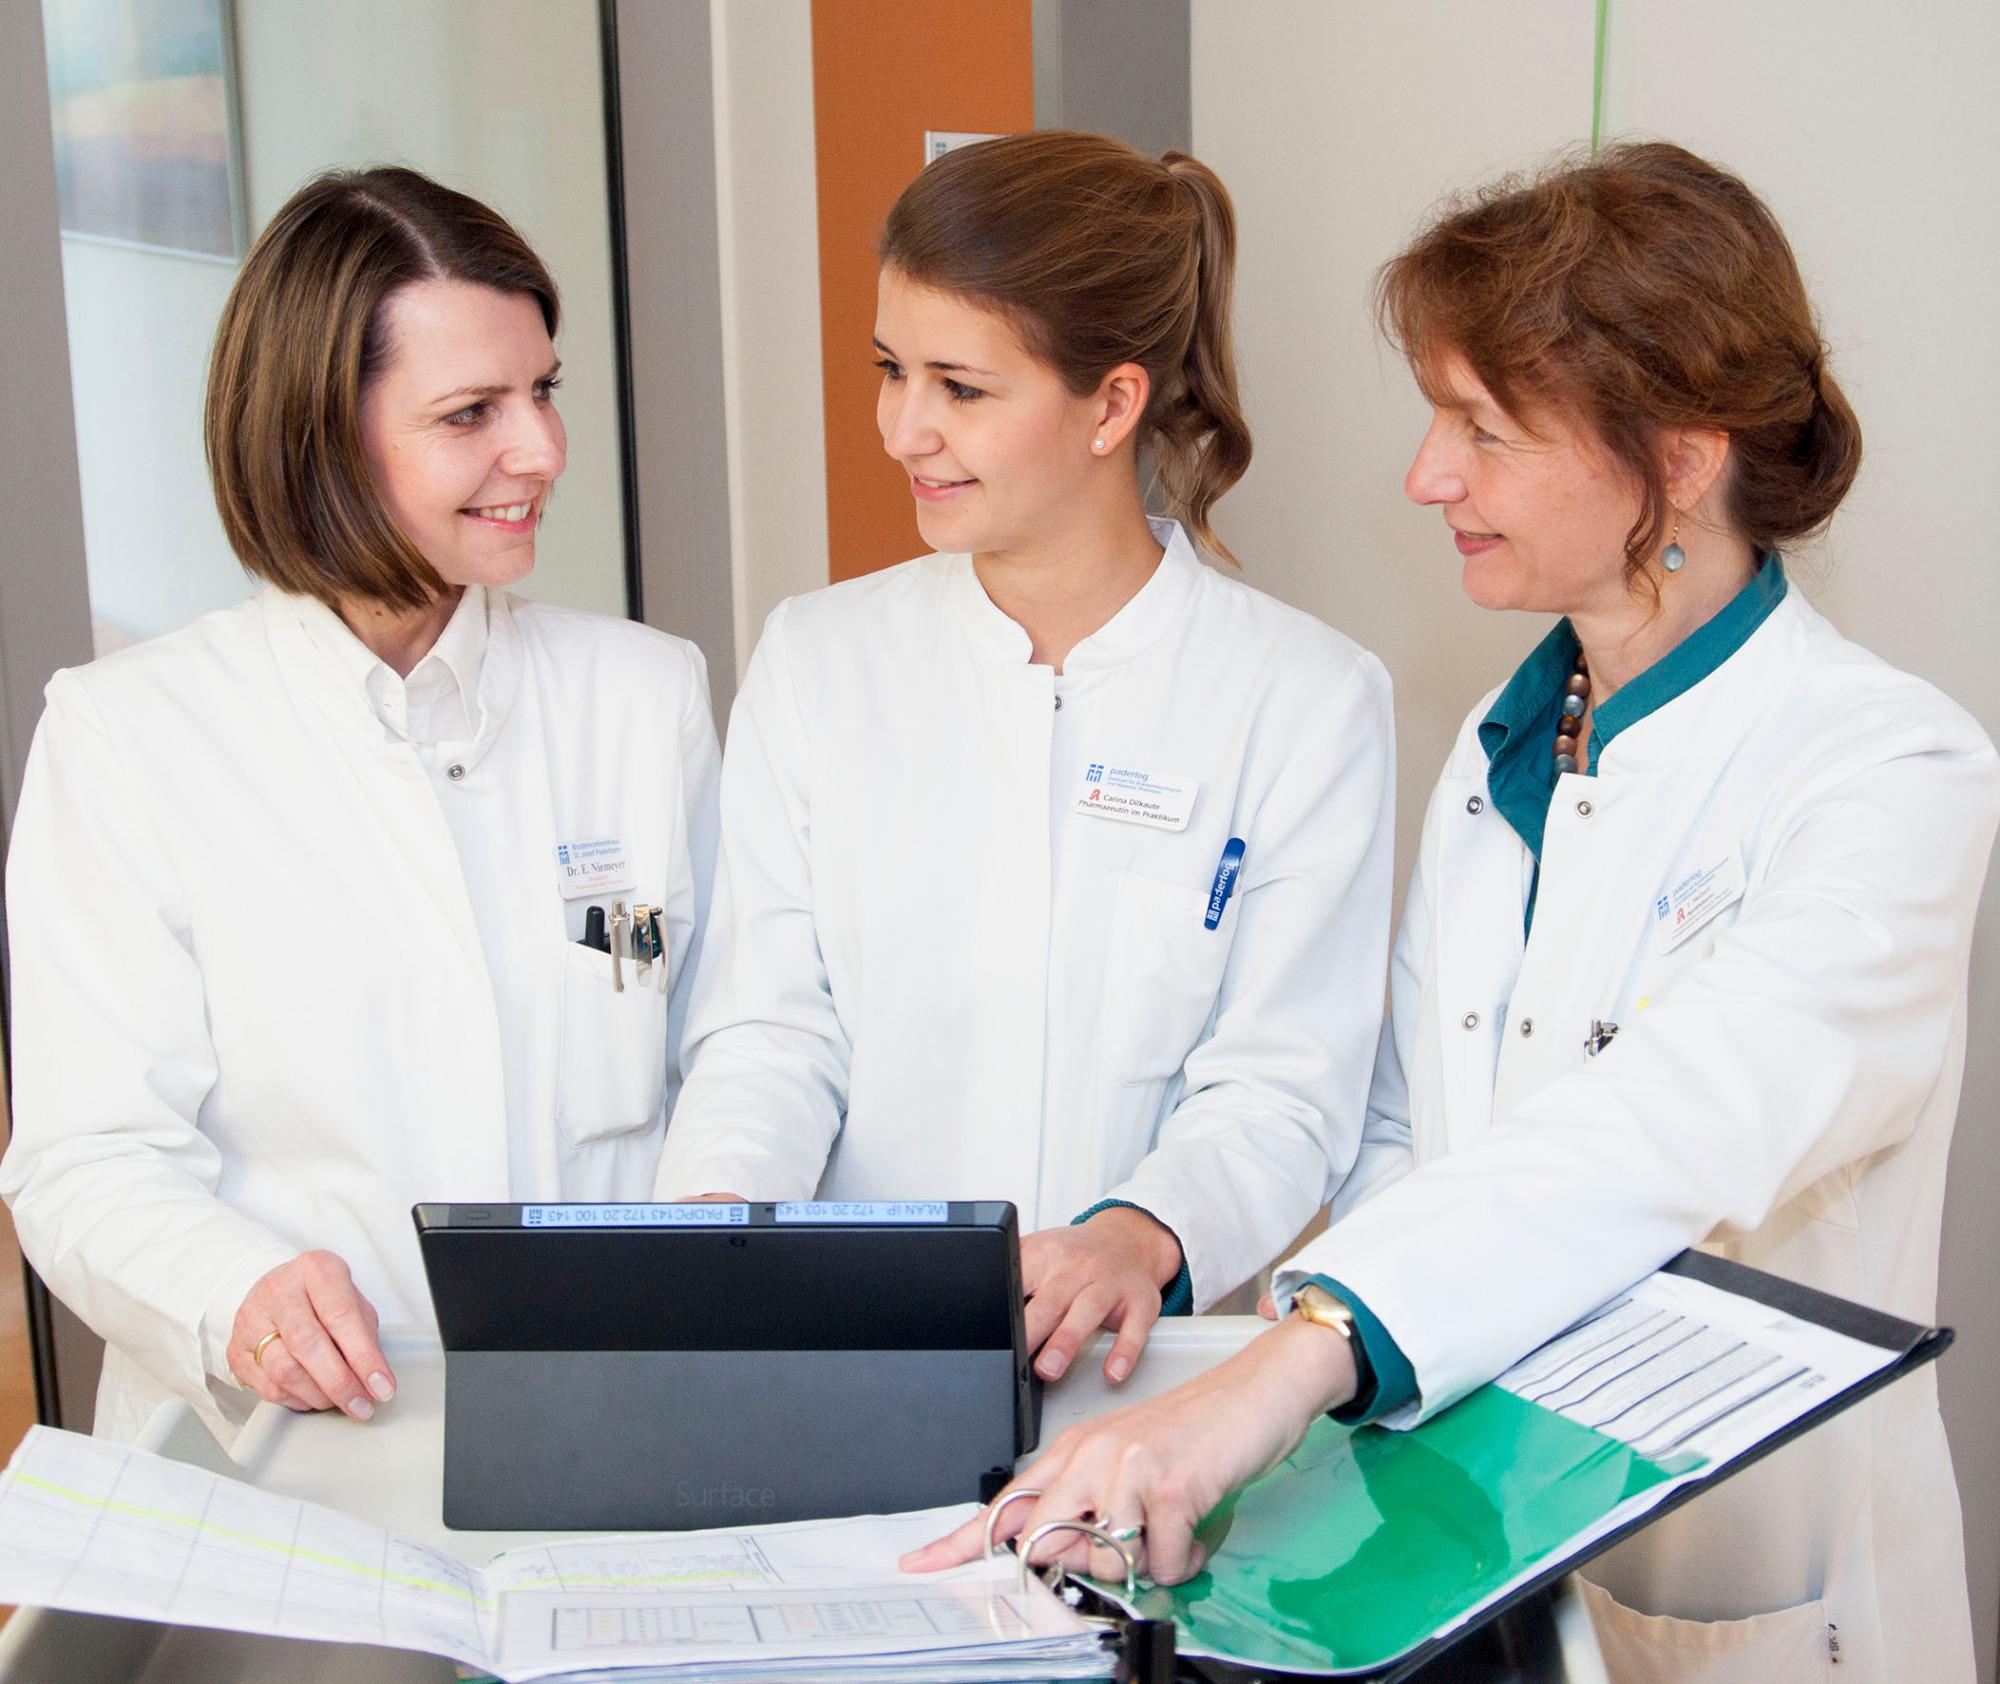 Praktikum / paderlog - Zentrum für Krankenhauslogistik und Klinische ...